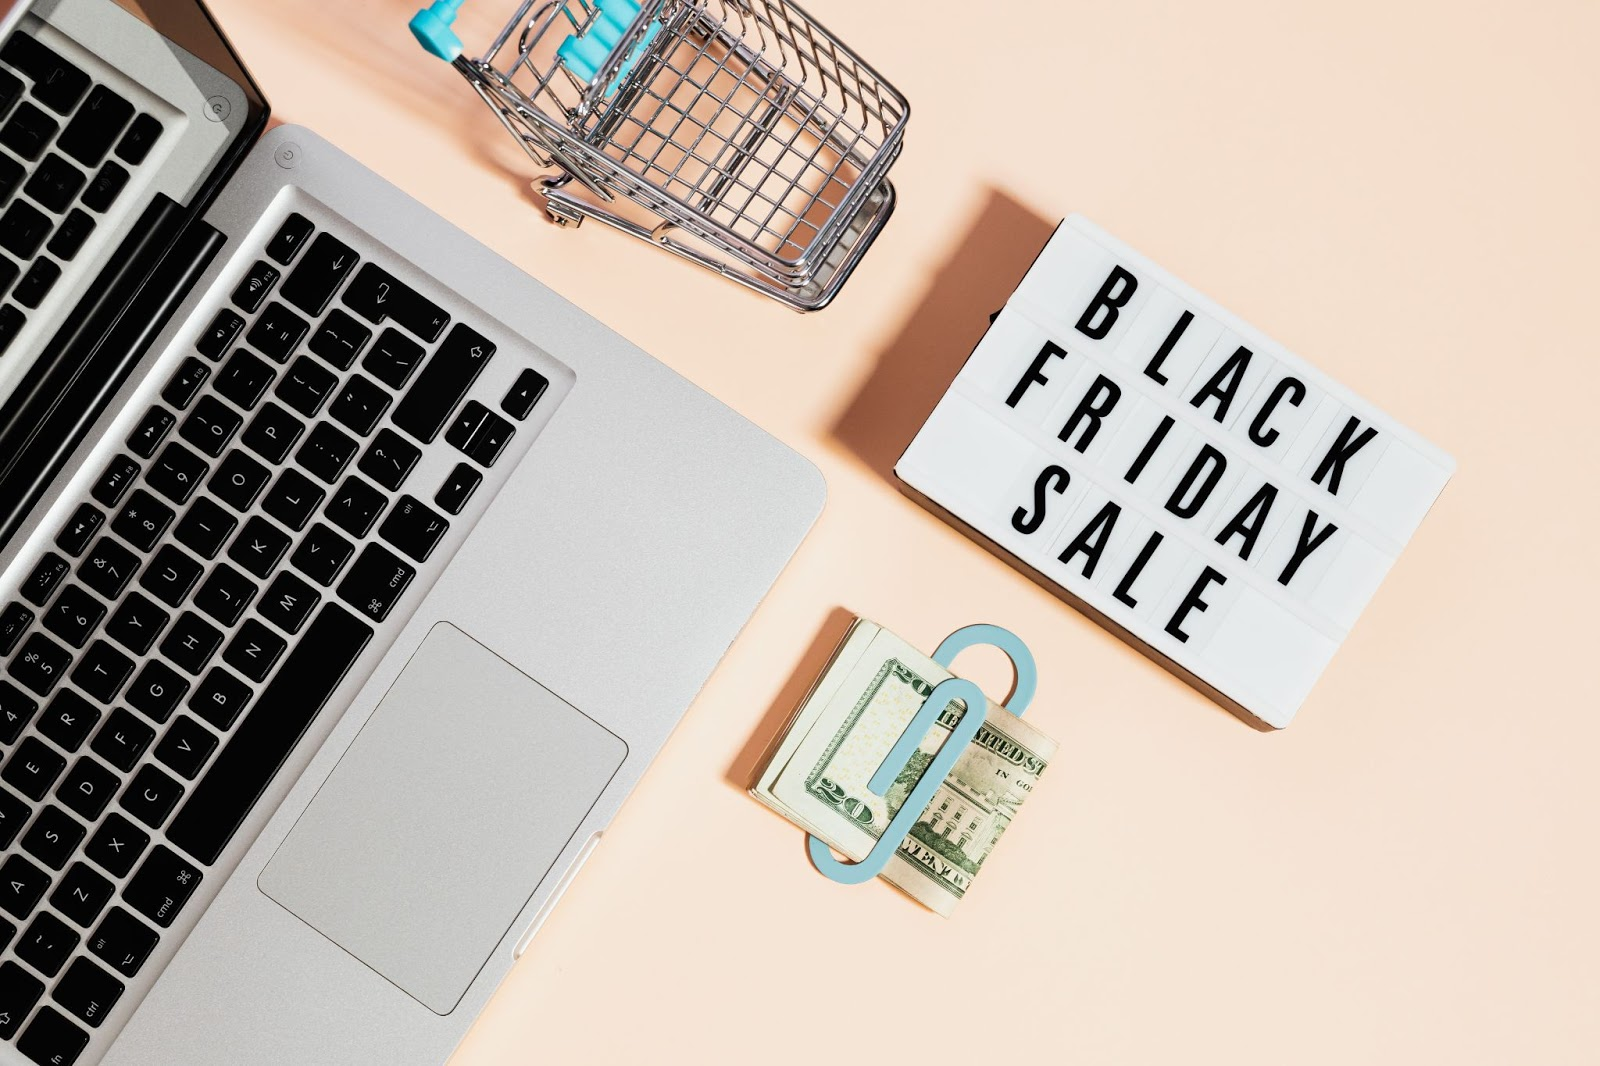 Black friday sale ecommerce